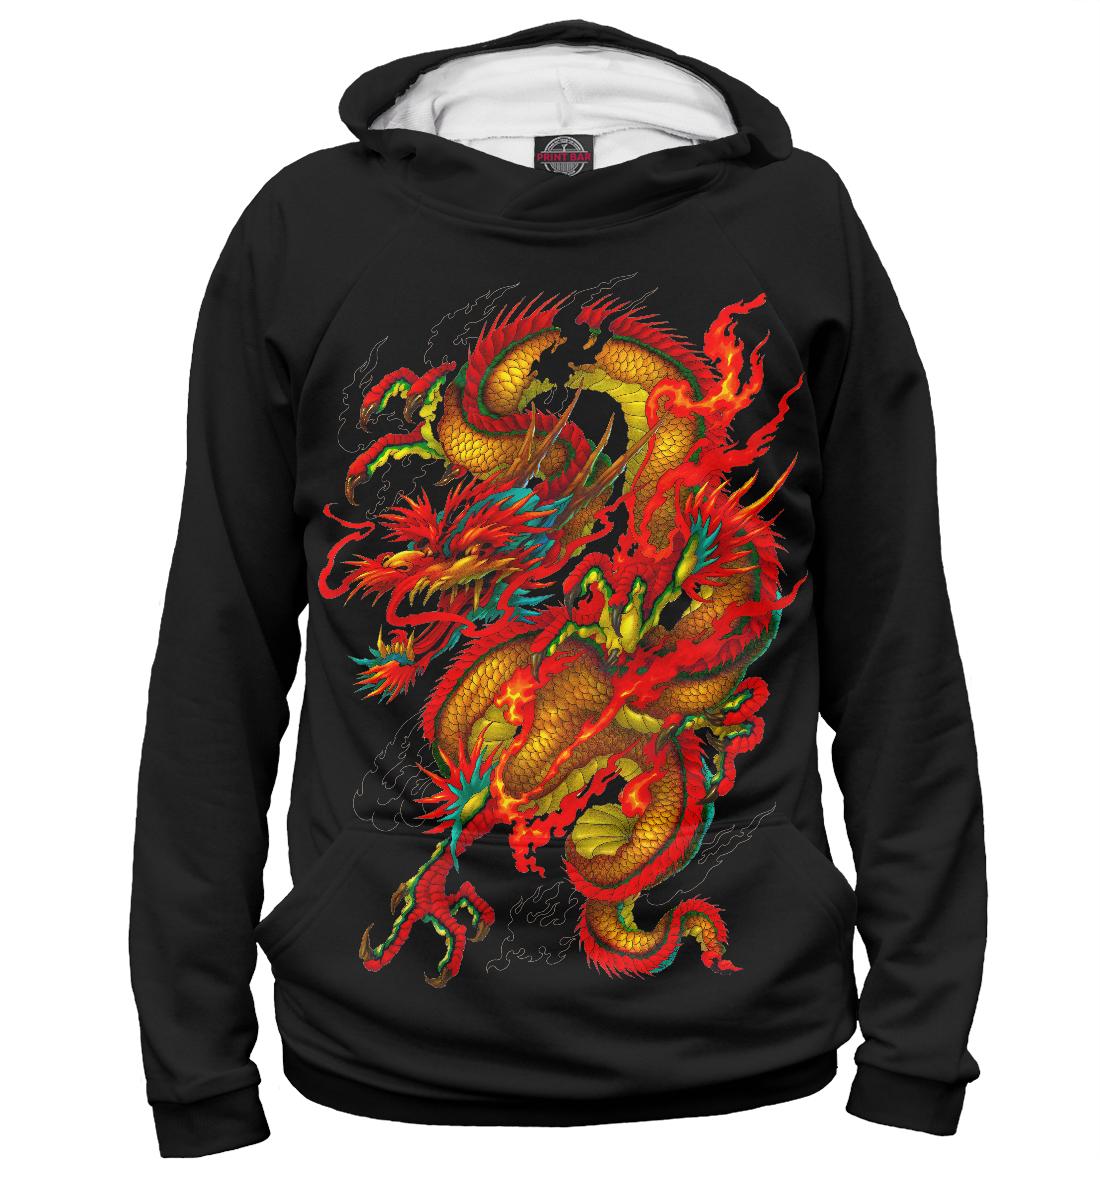 Купить Китайский дракон, Printbar, Худи, DRA-434159-hud-1